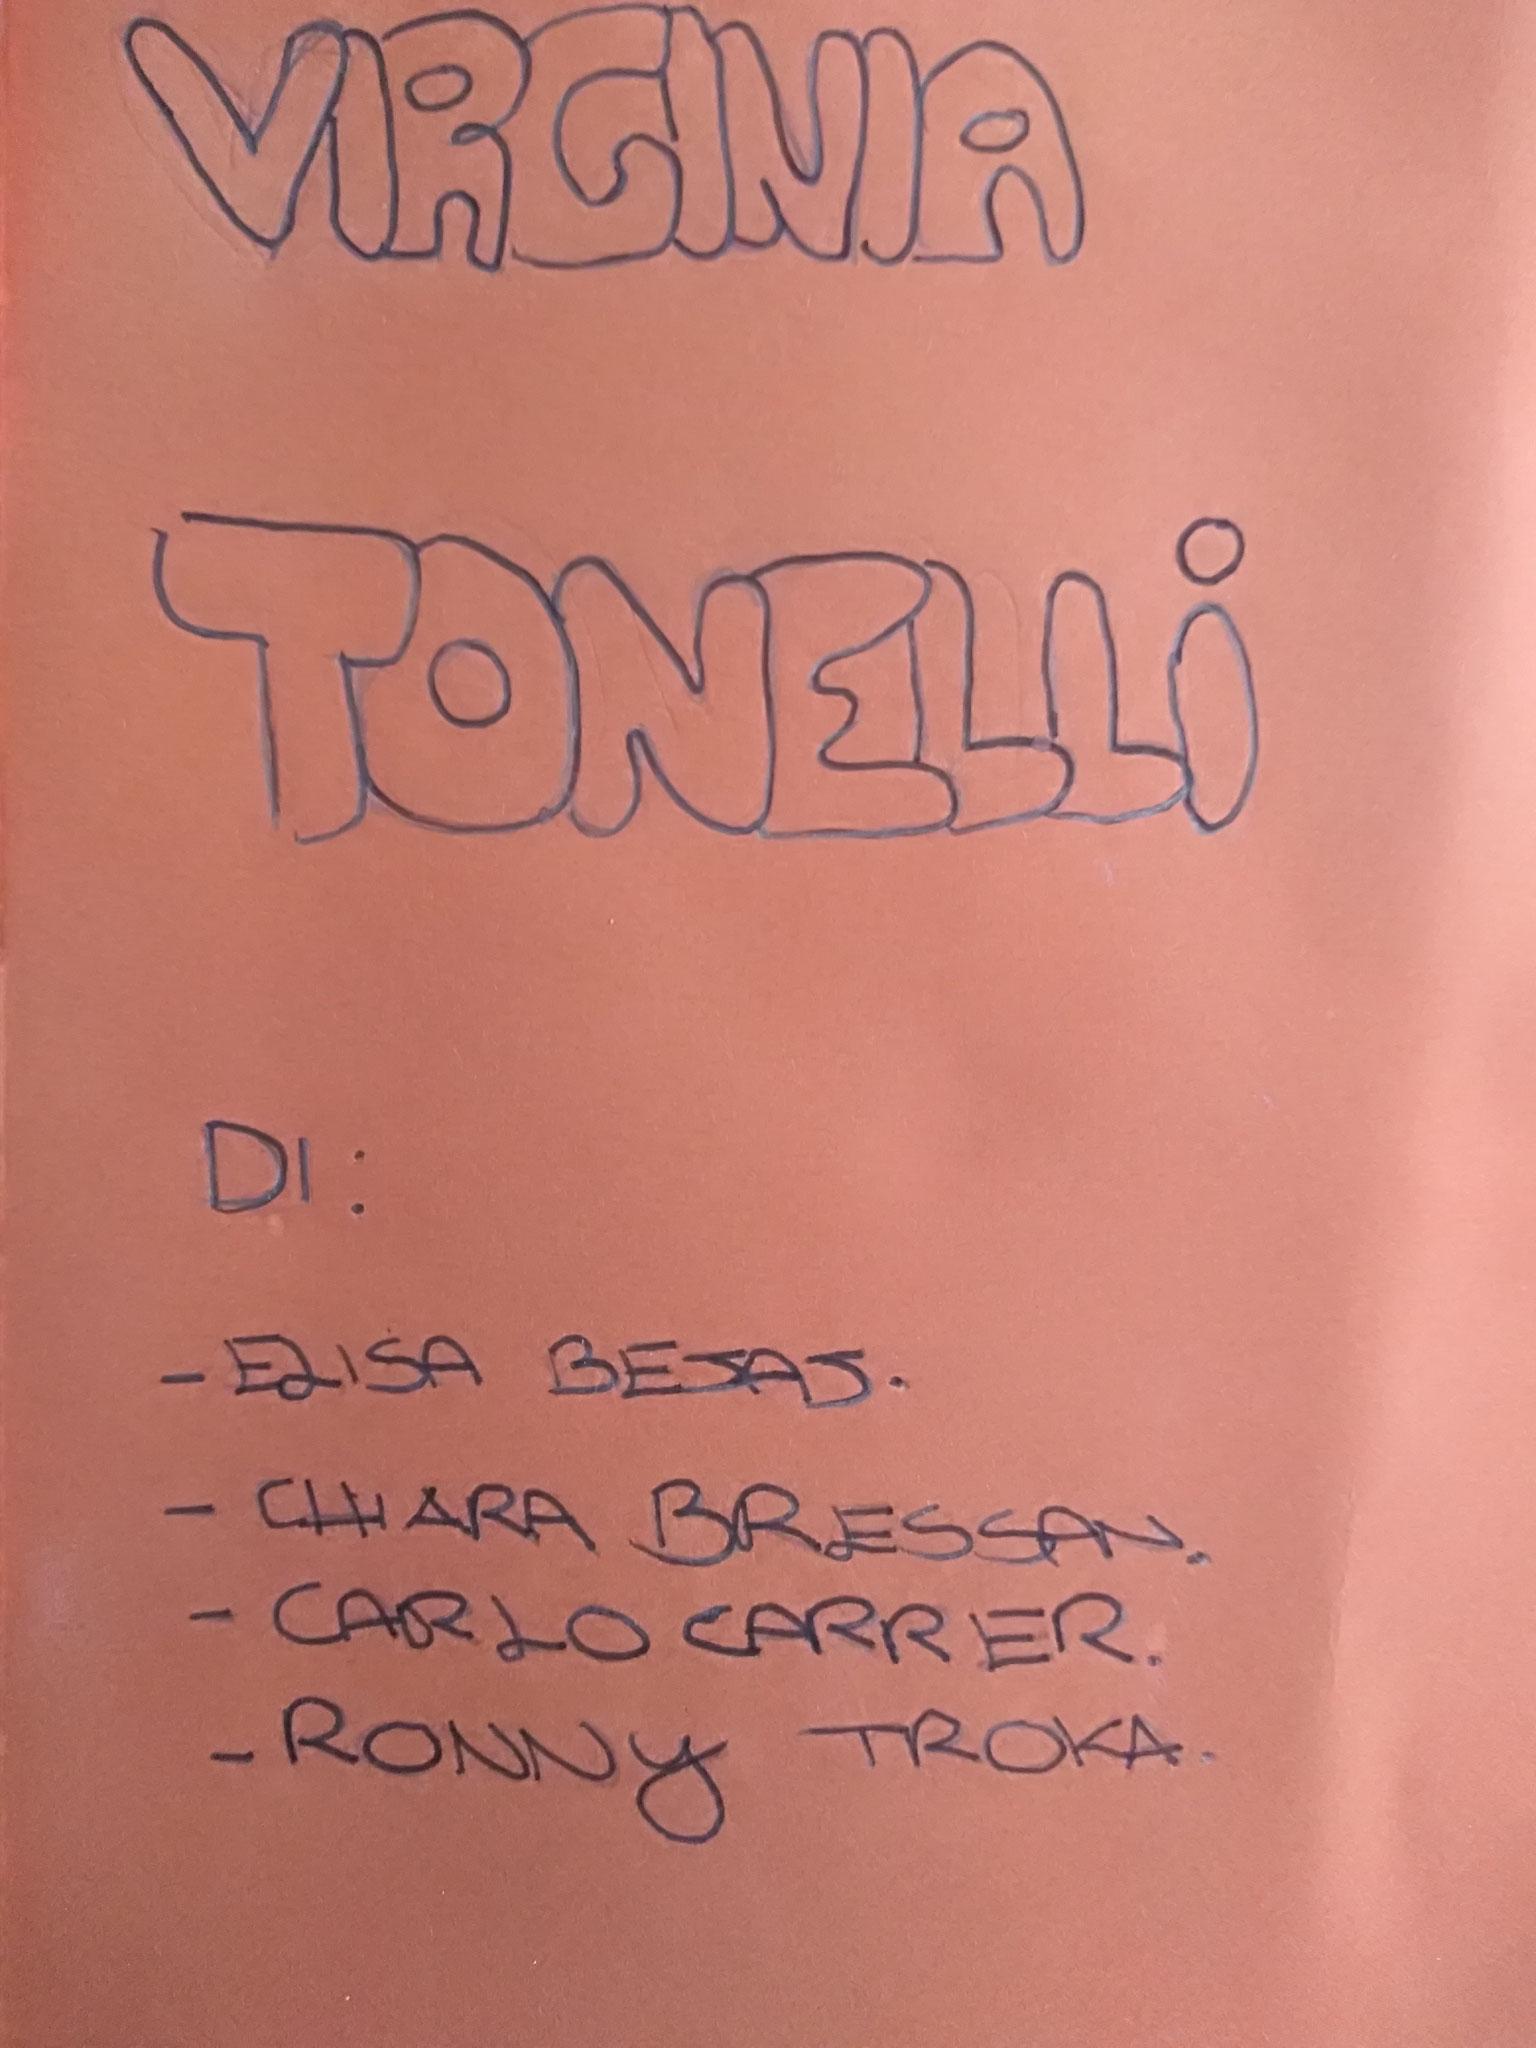 8 Opuscolo su Virginia Tonelli.